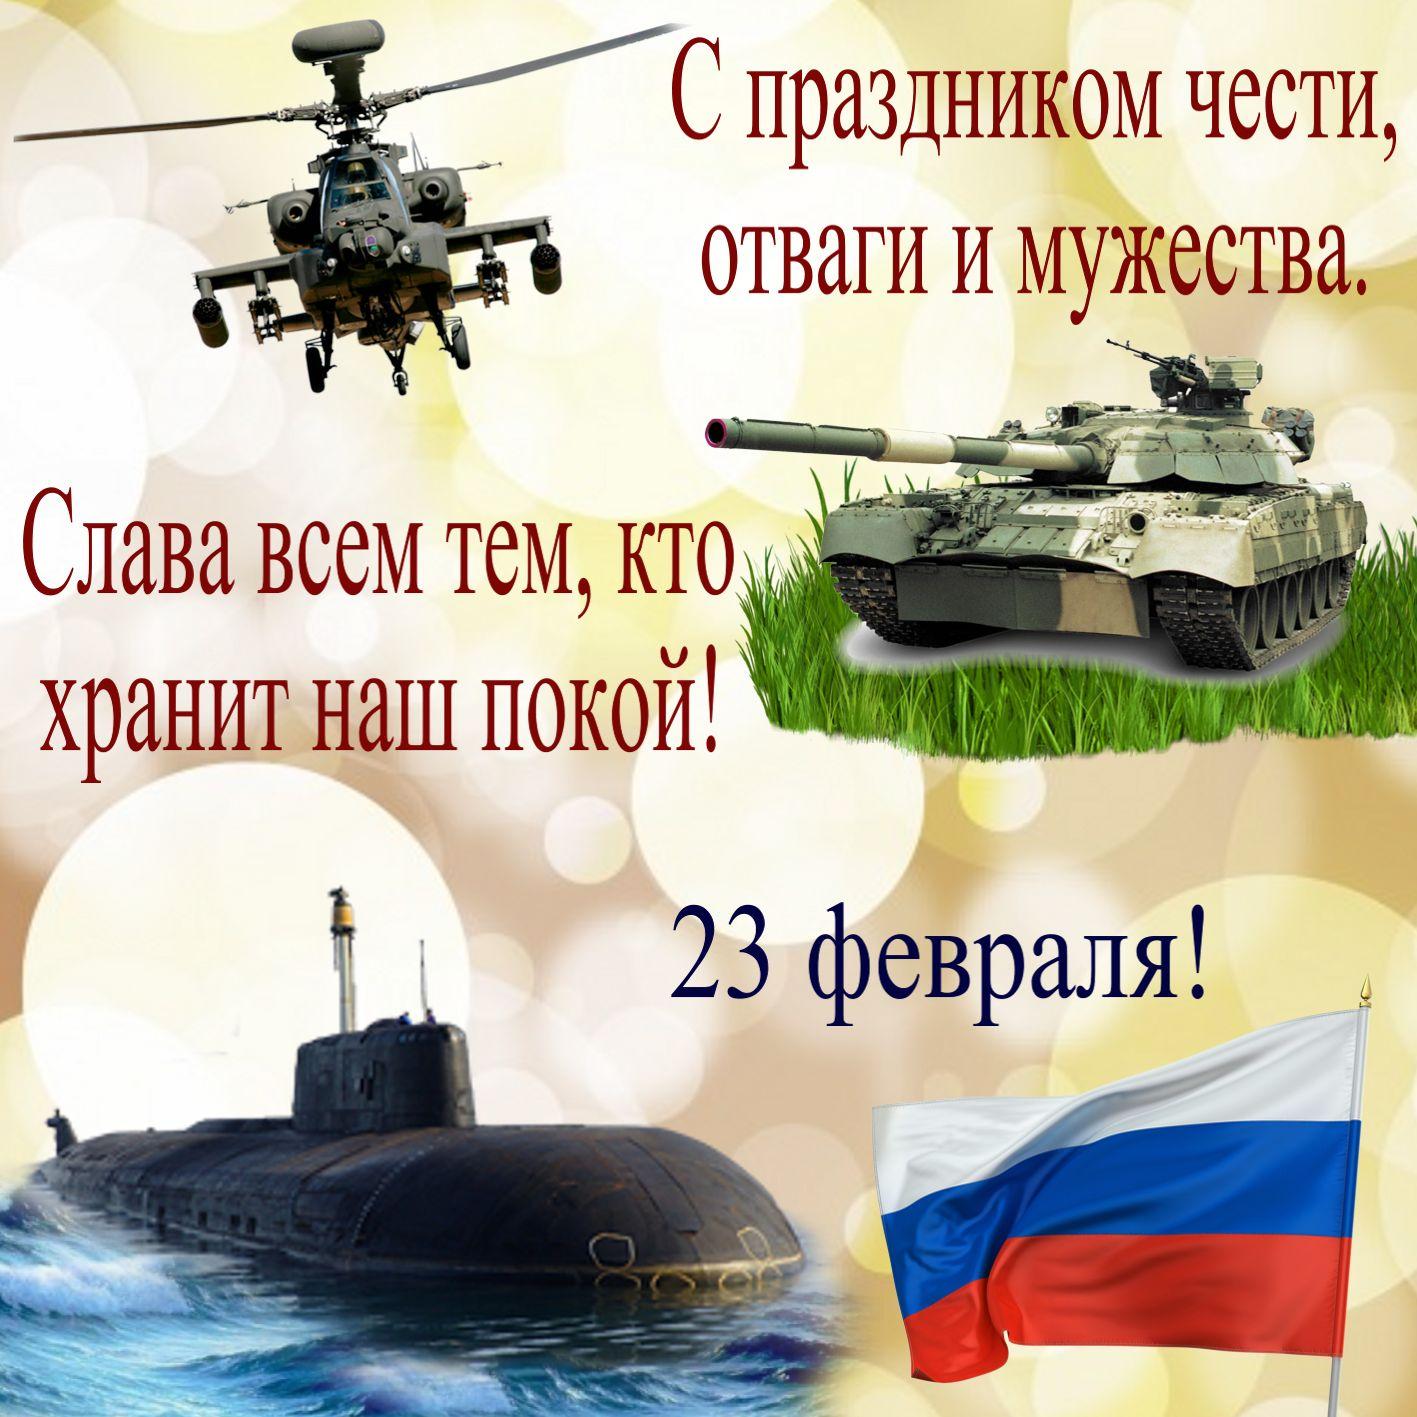 Открытка с 23 февраля - военная техника и поздравление